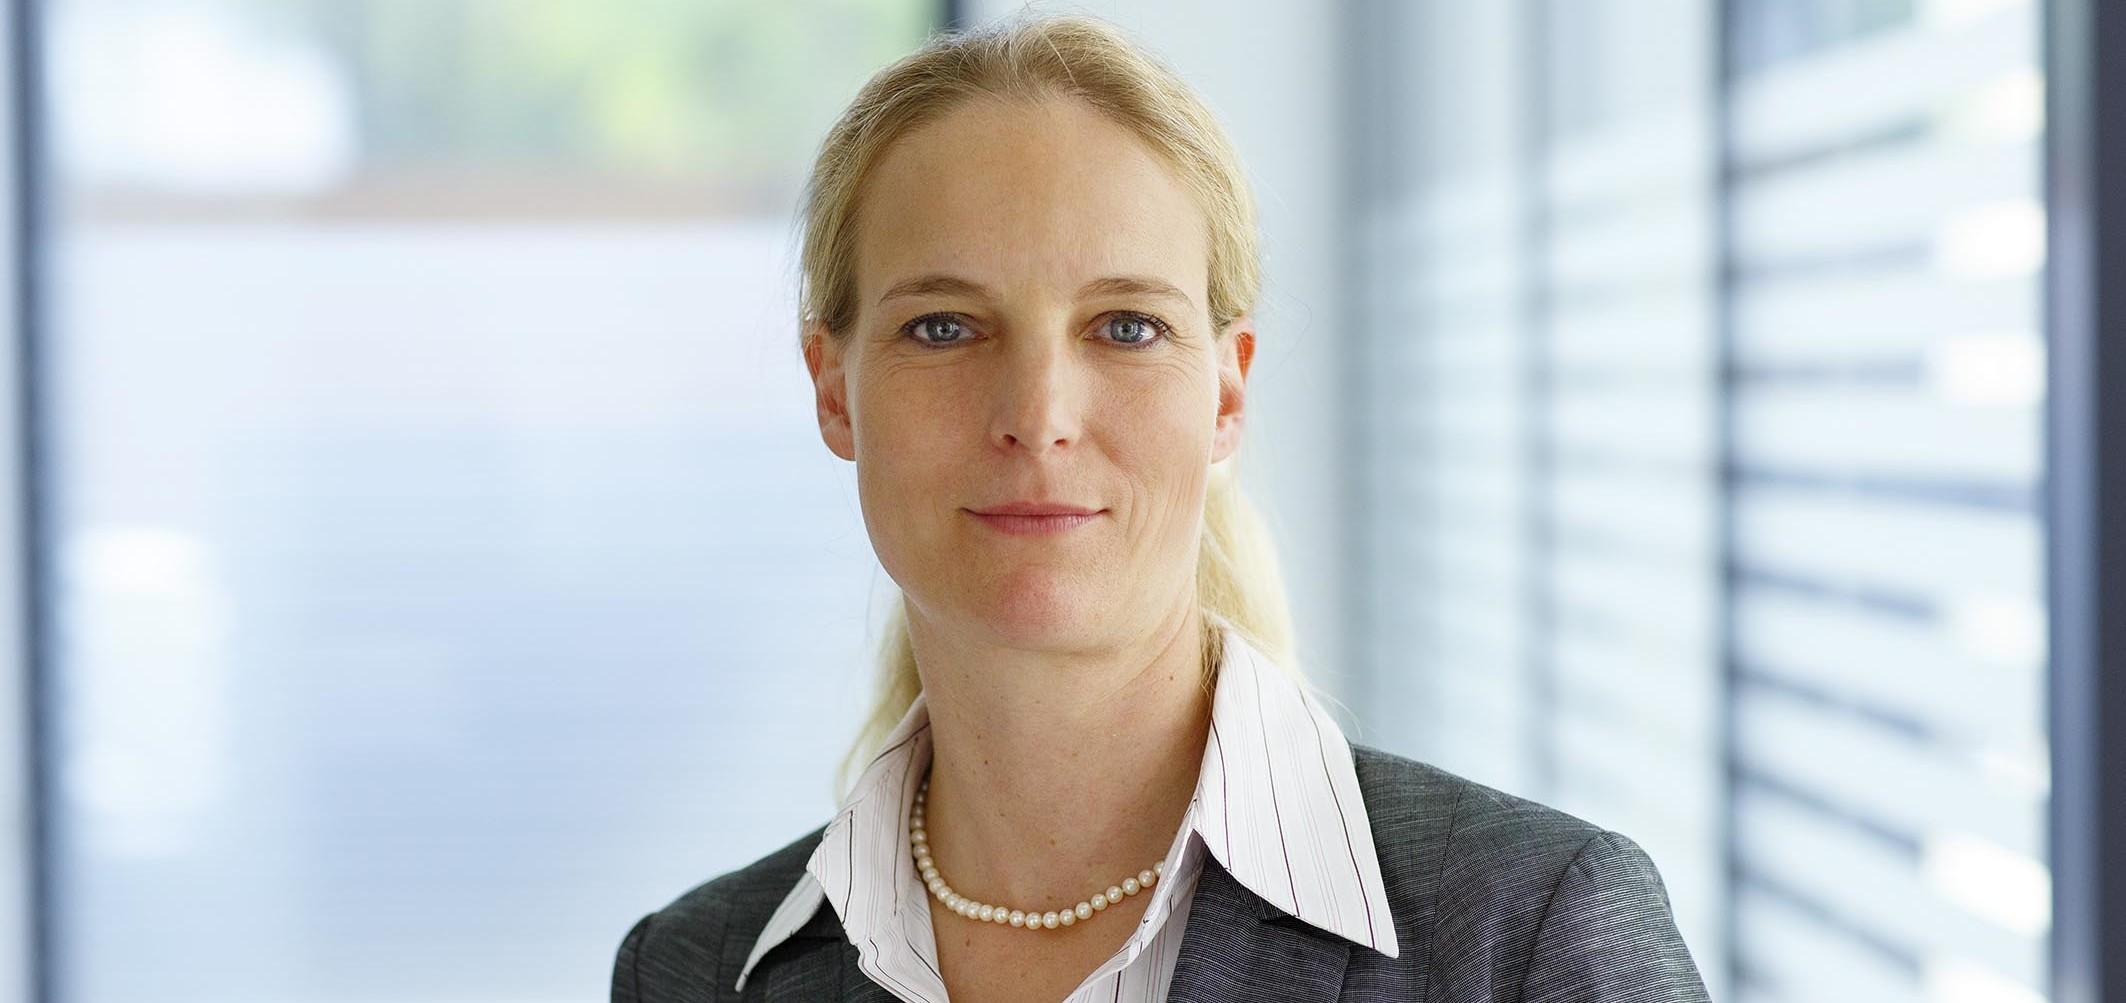 Dr. Kristina Gerteiser